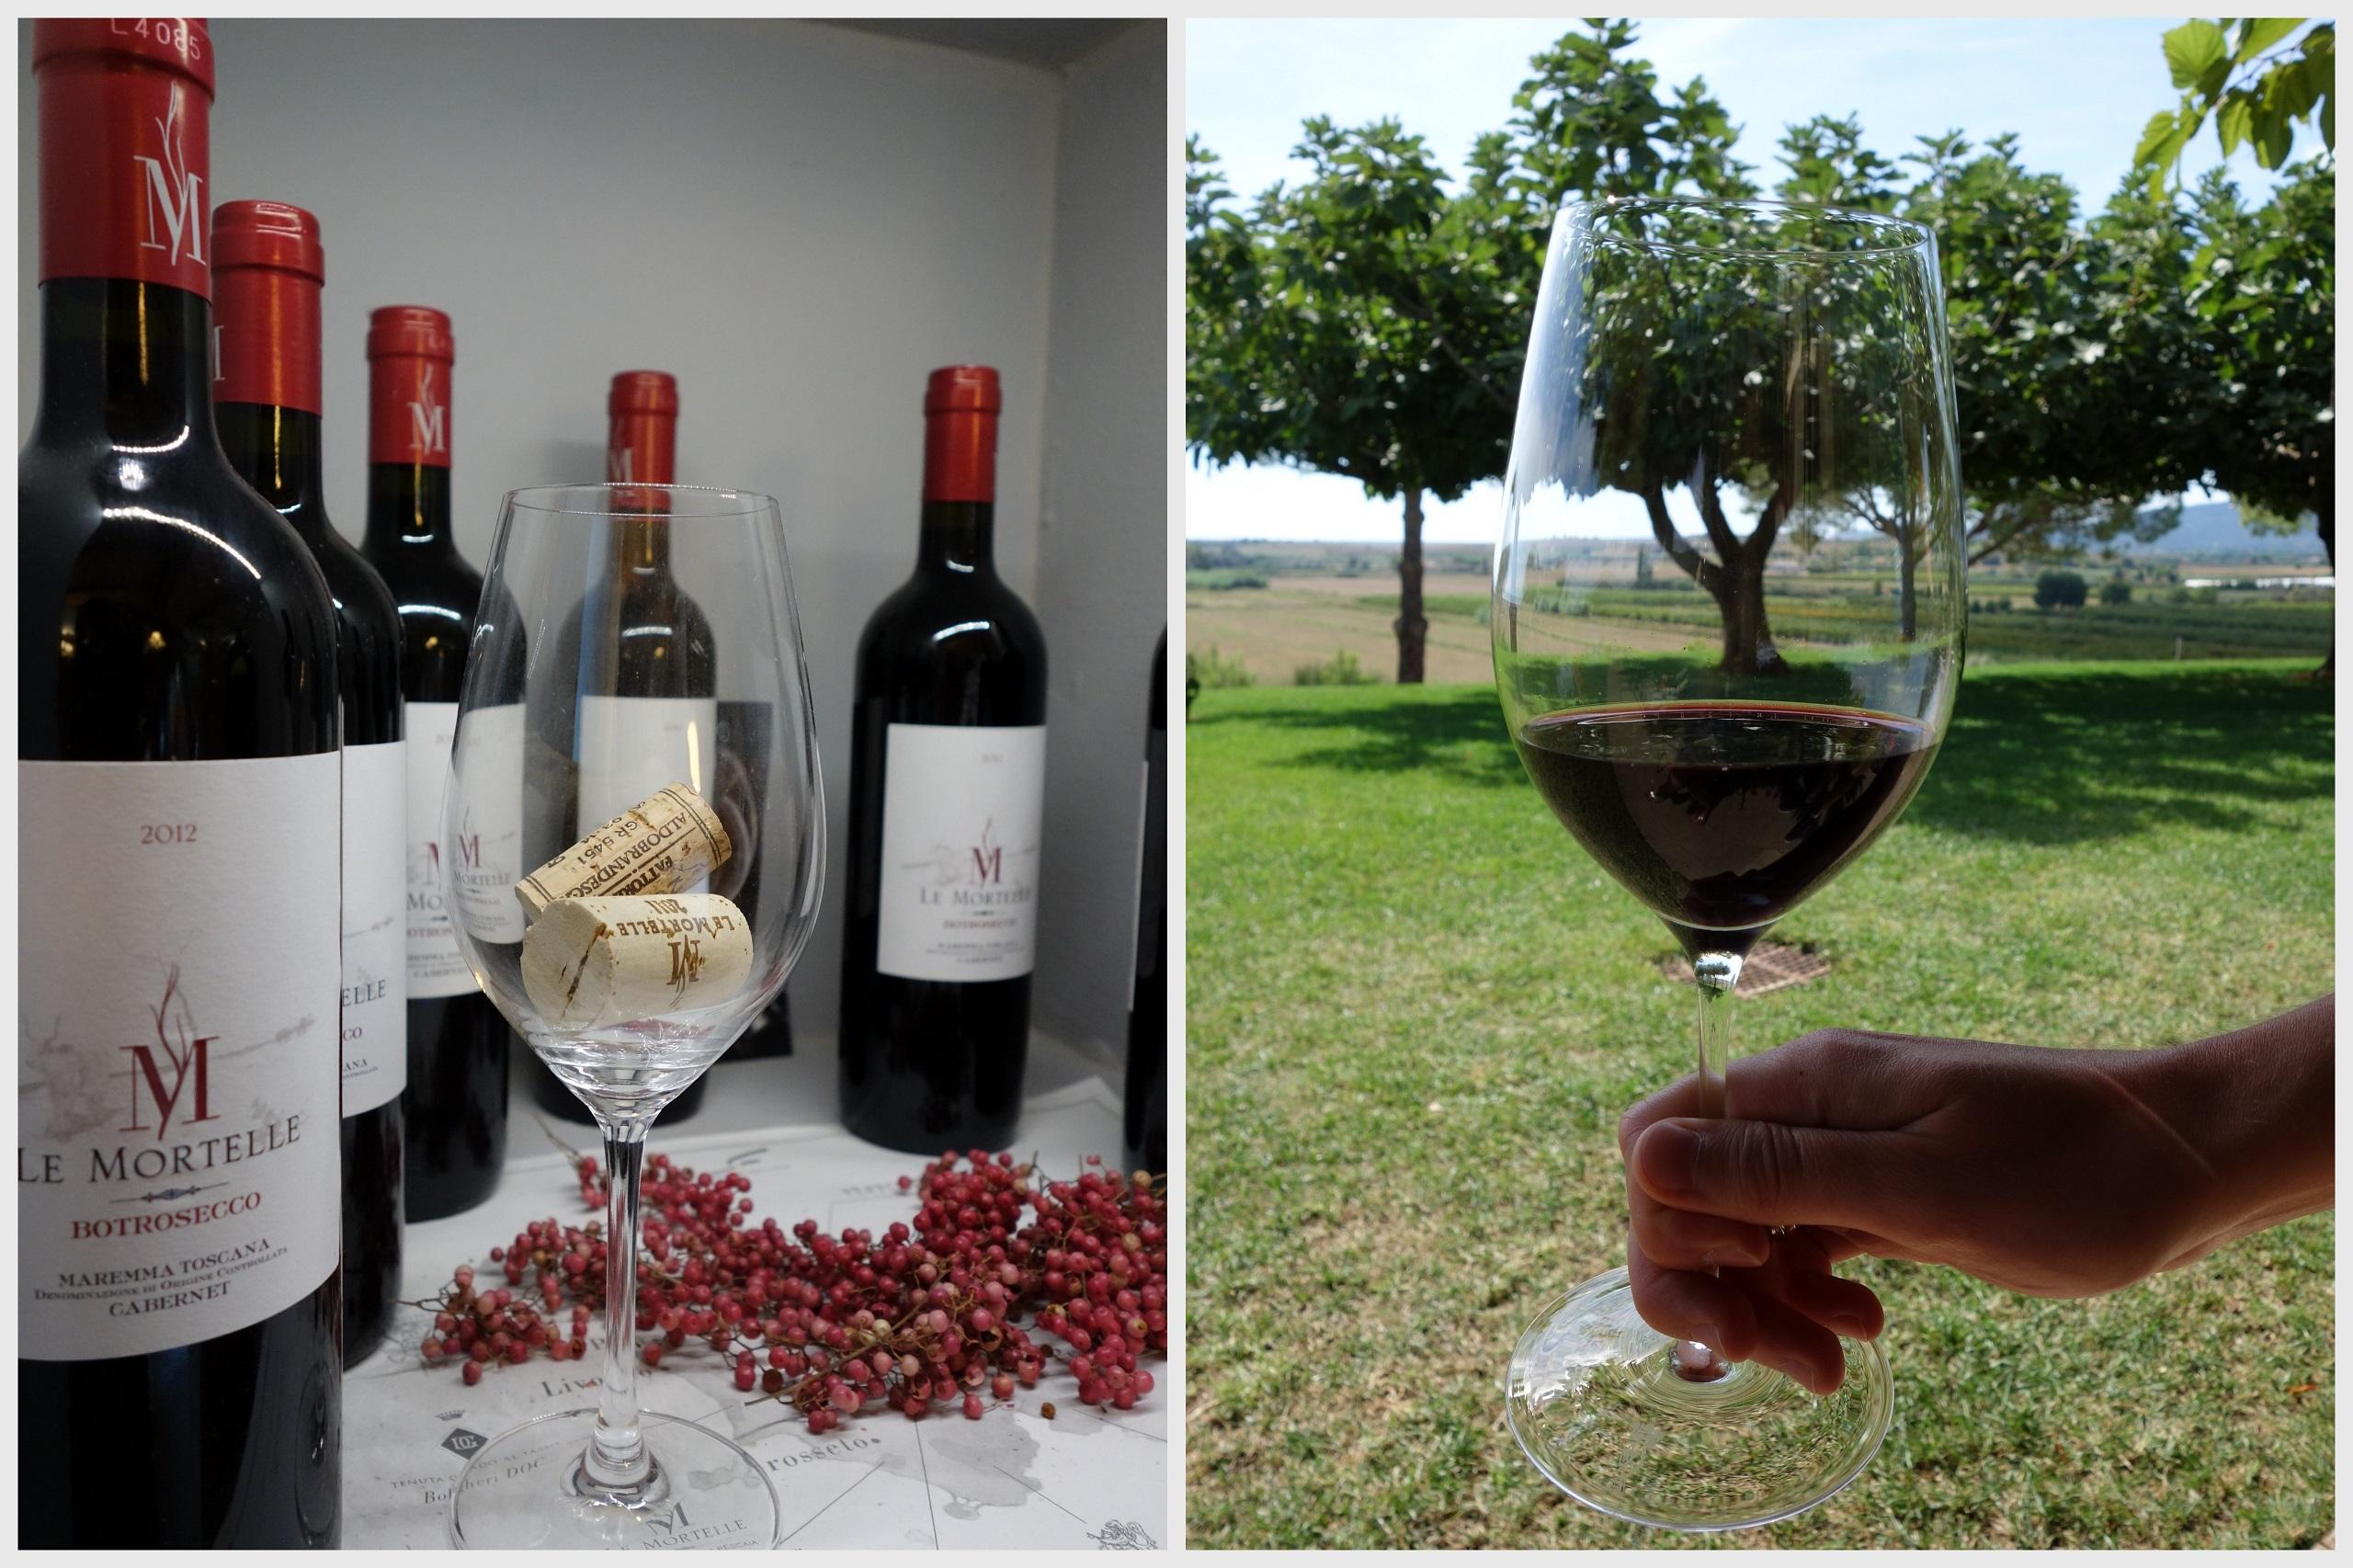 Le Mortelle - wino